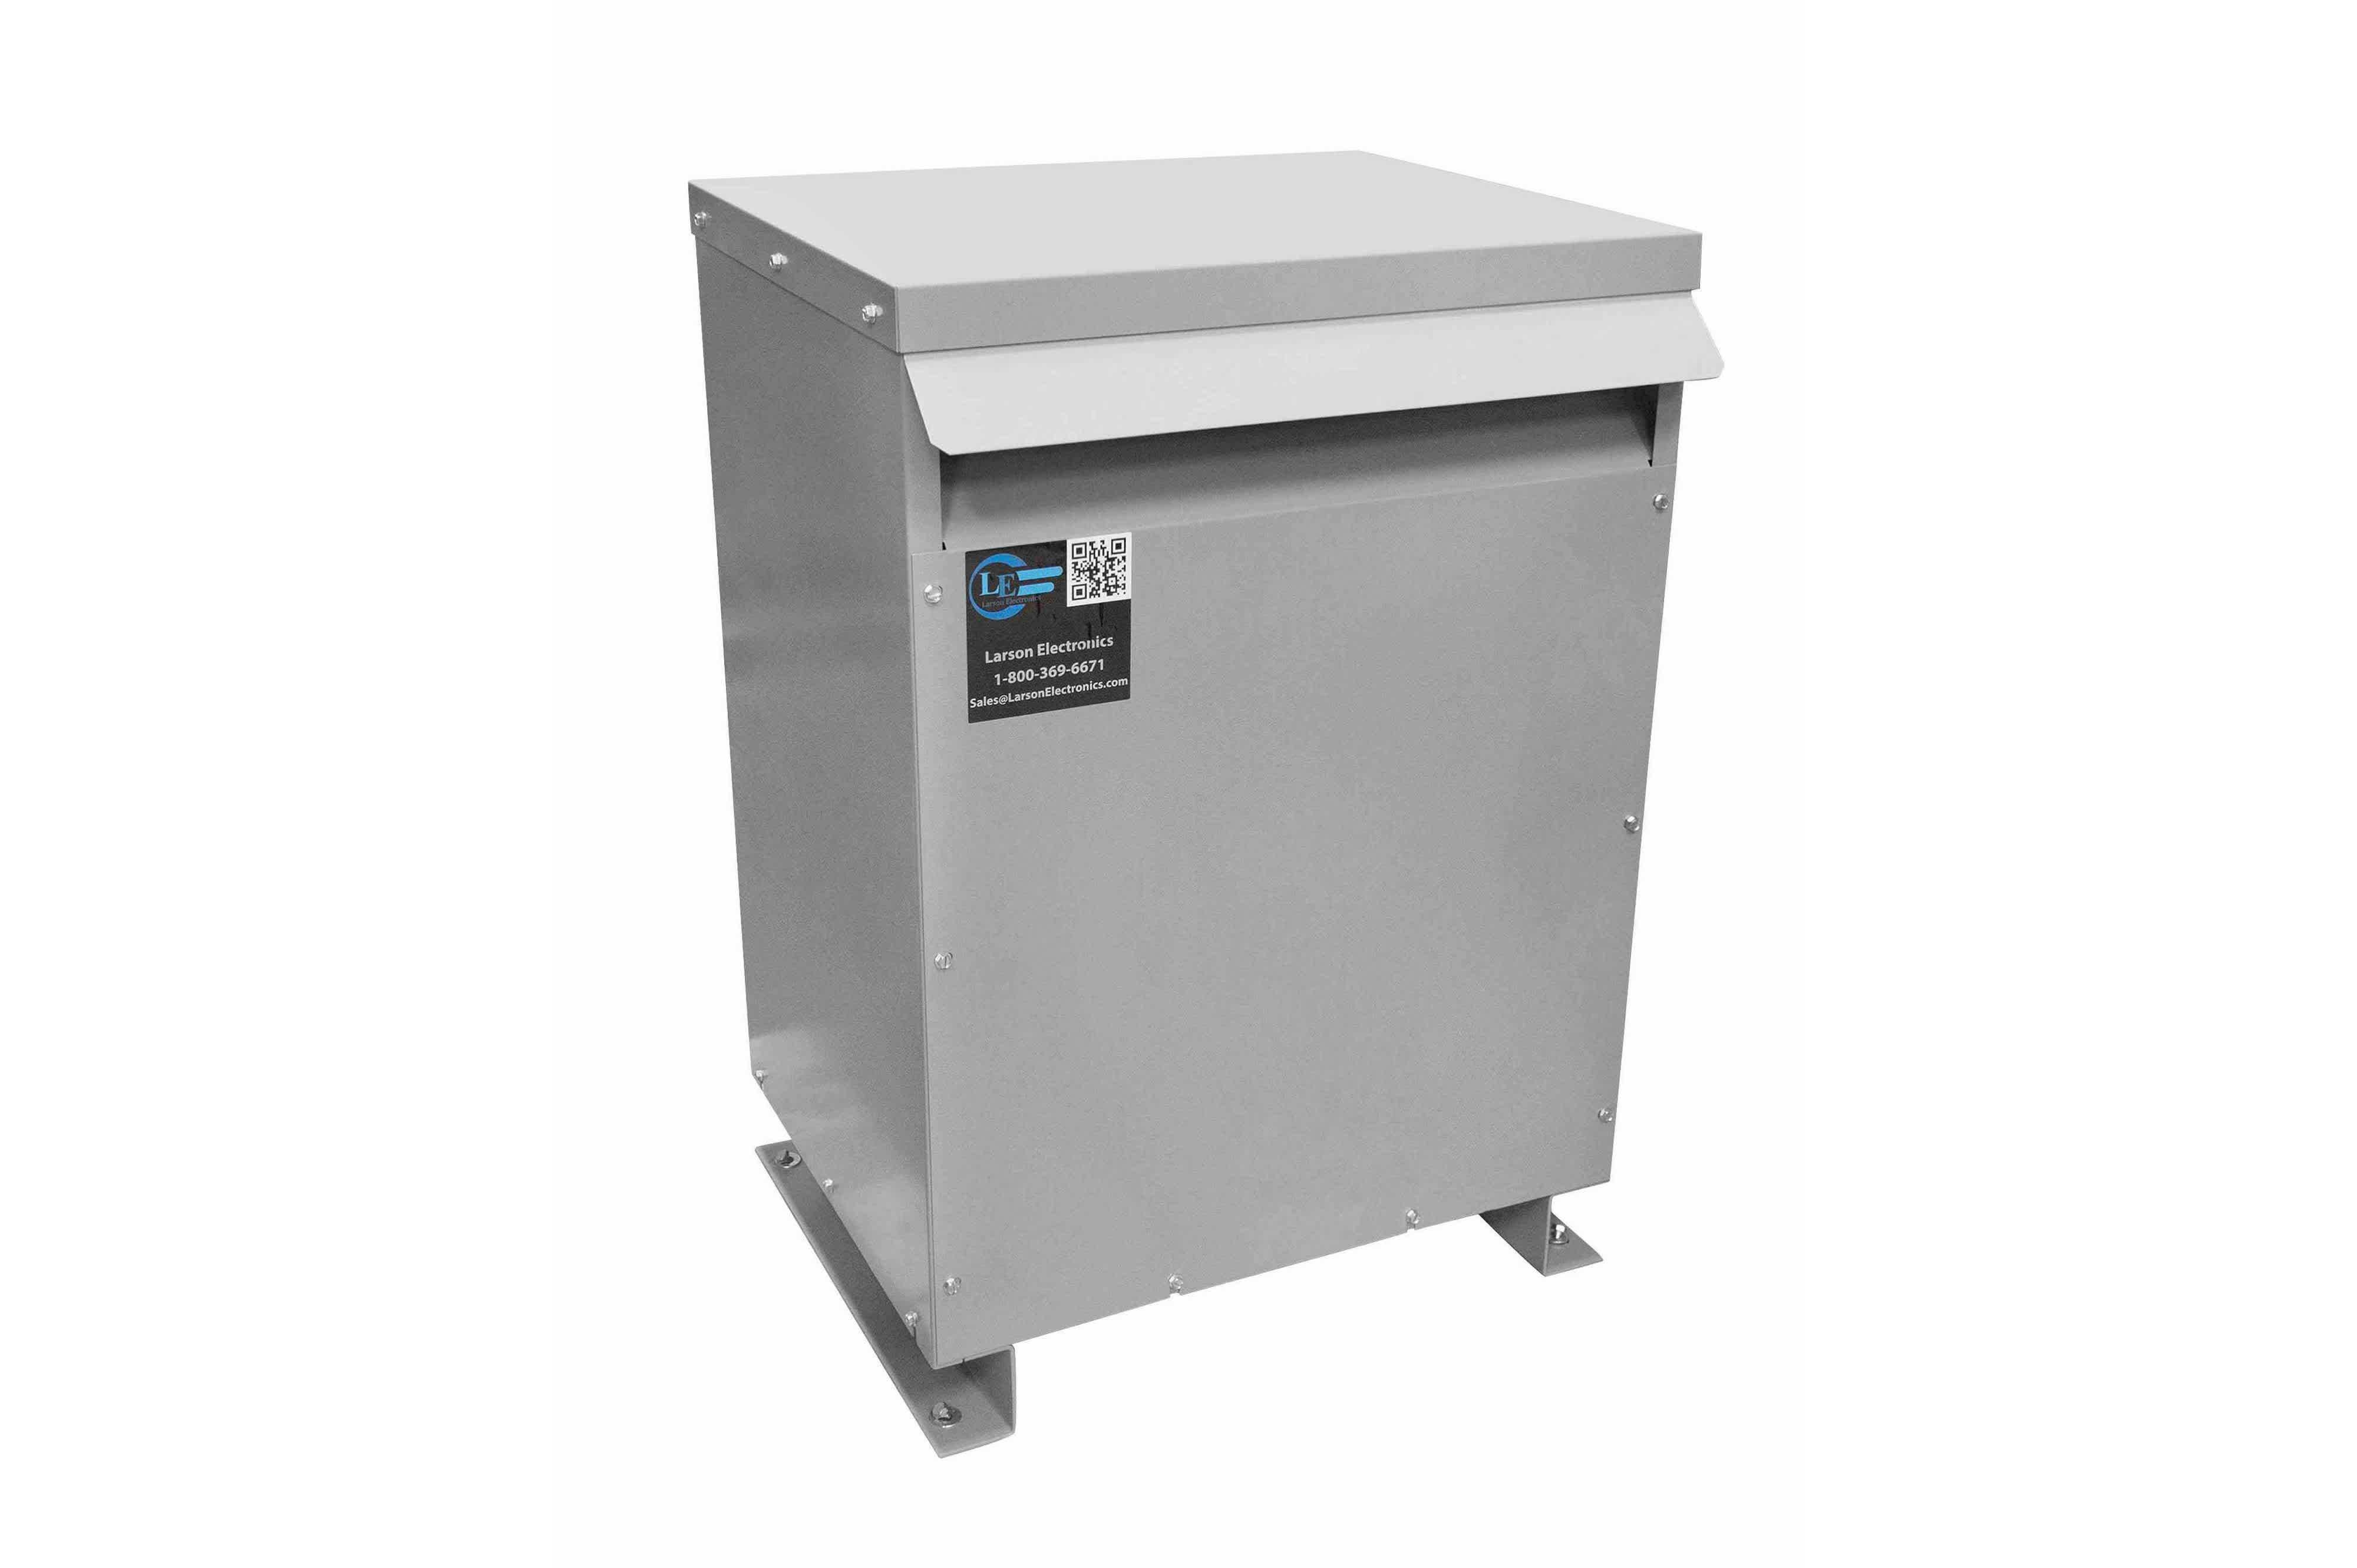 1000 kVA 3PH Isolation Transformer, 380V Delta Primary, 240 Delta Secondary, N3R, Ventilated, 60 Hz